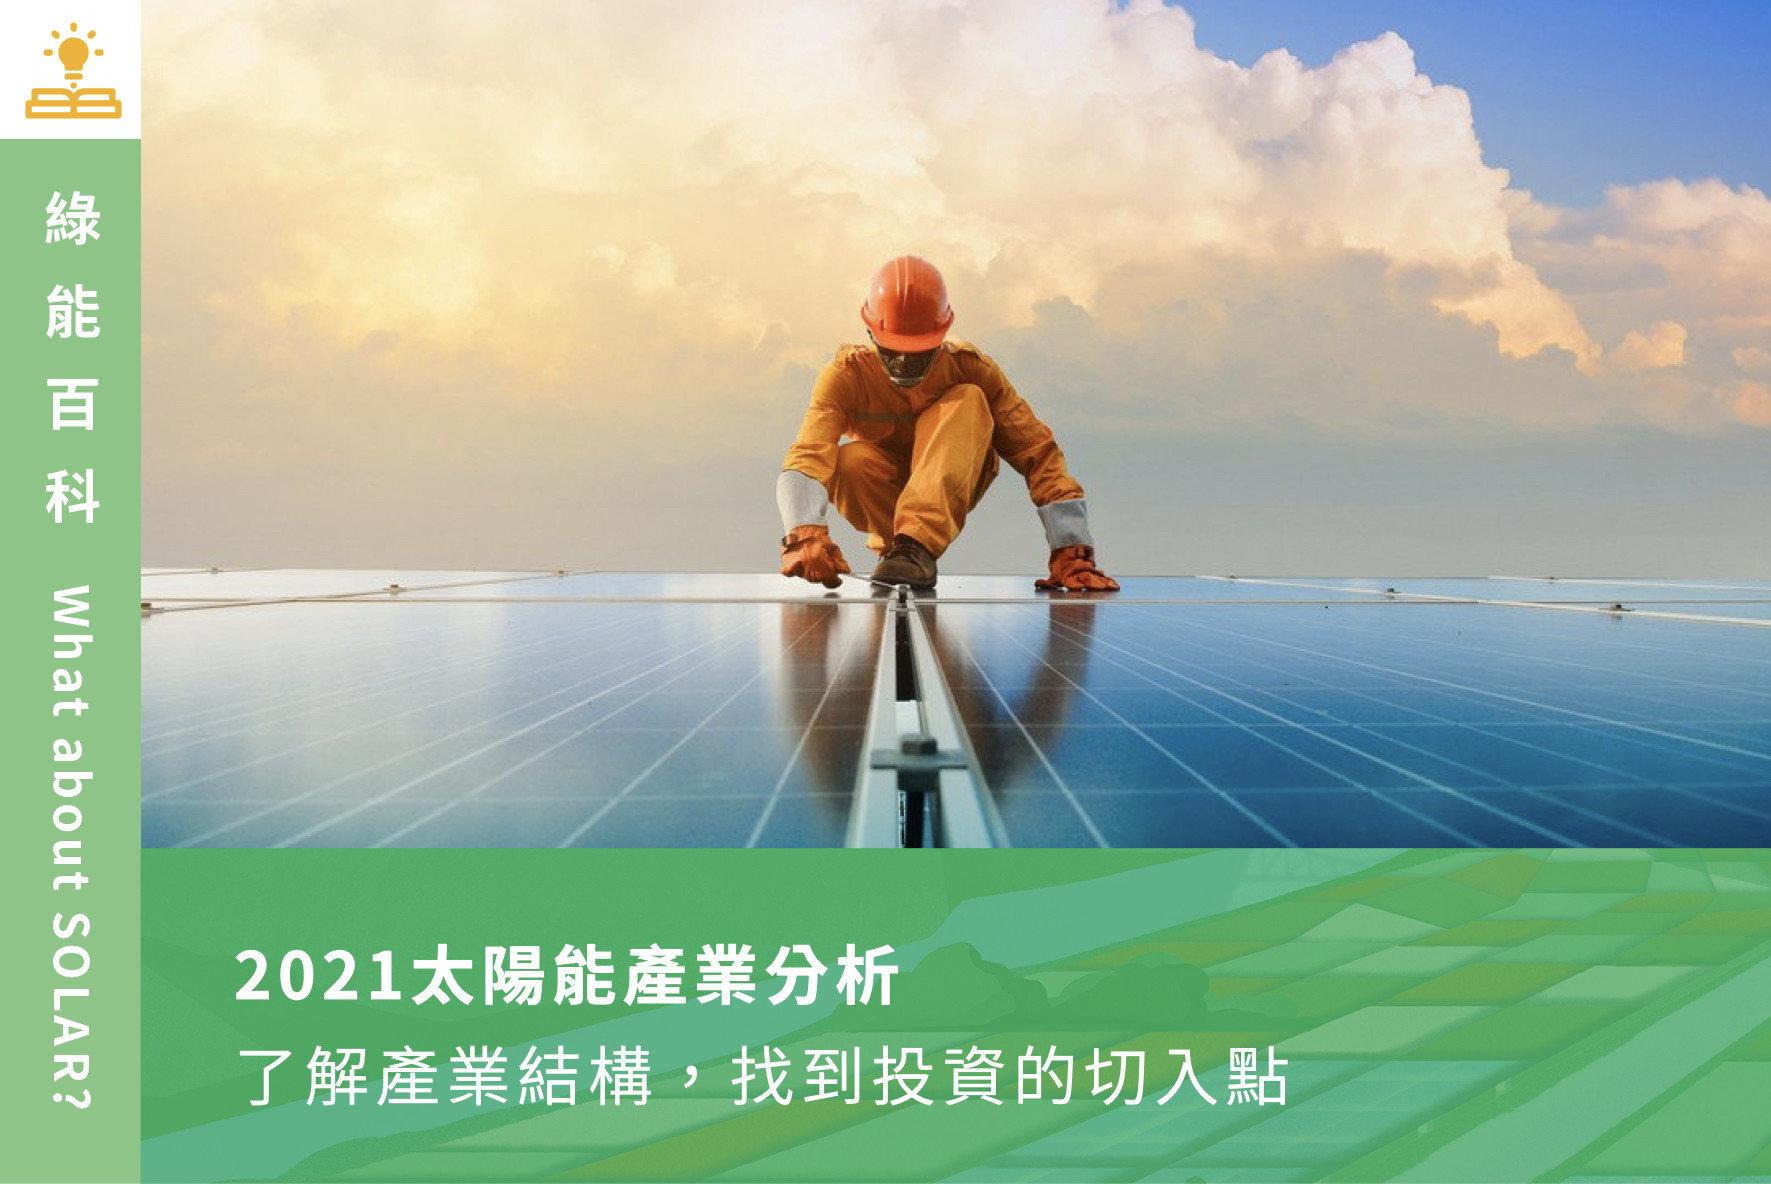 2021太陽能產業分析|了解產業結構,找到投資的切入點